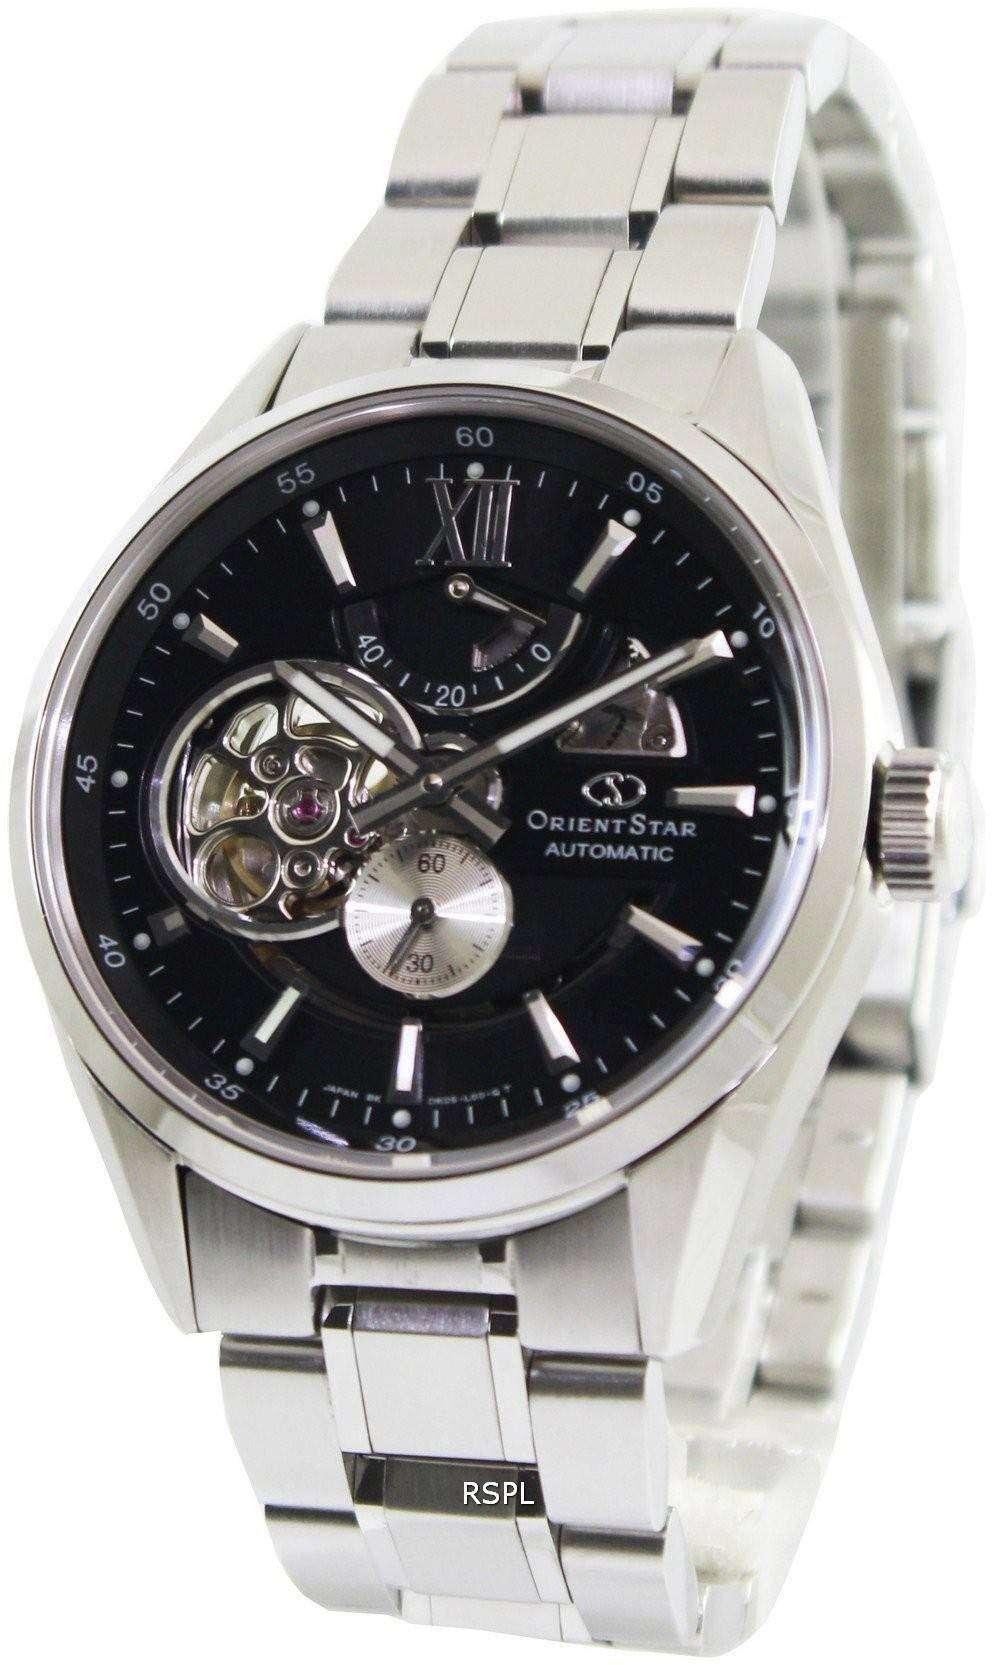 f0f7f00d6b8 Orient Star Automatic Semi Skeleton Power Reserve SDK05002B DK05002B Mens  Watch